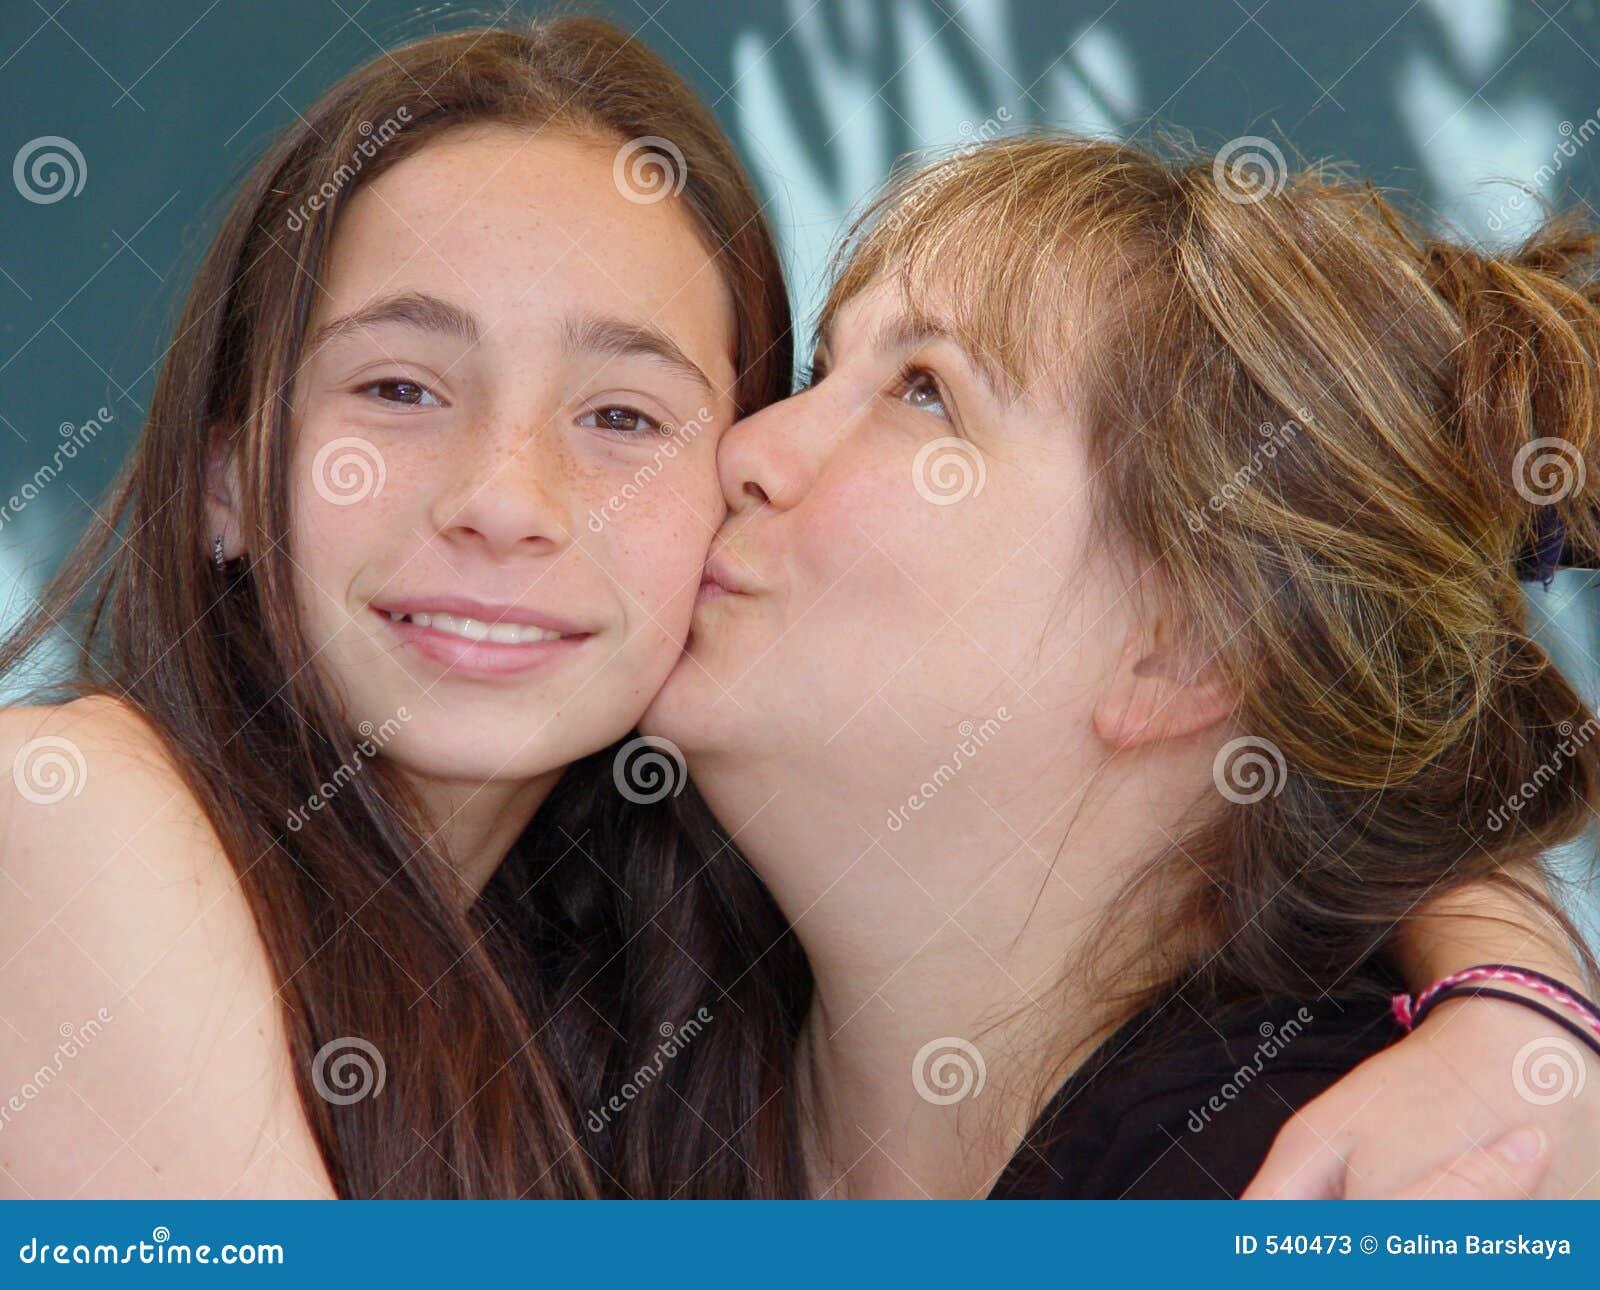 Download 爱母亲s 库存图片. 图片 包括有 休闲, 人们, 滑稽, 亲吻, 女性, 人员, 喜悦, 乐趣, 生活方式 - 540473